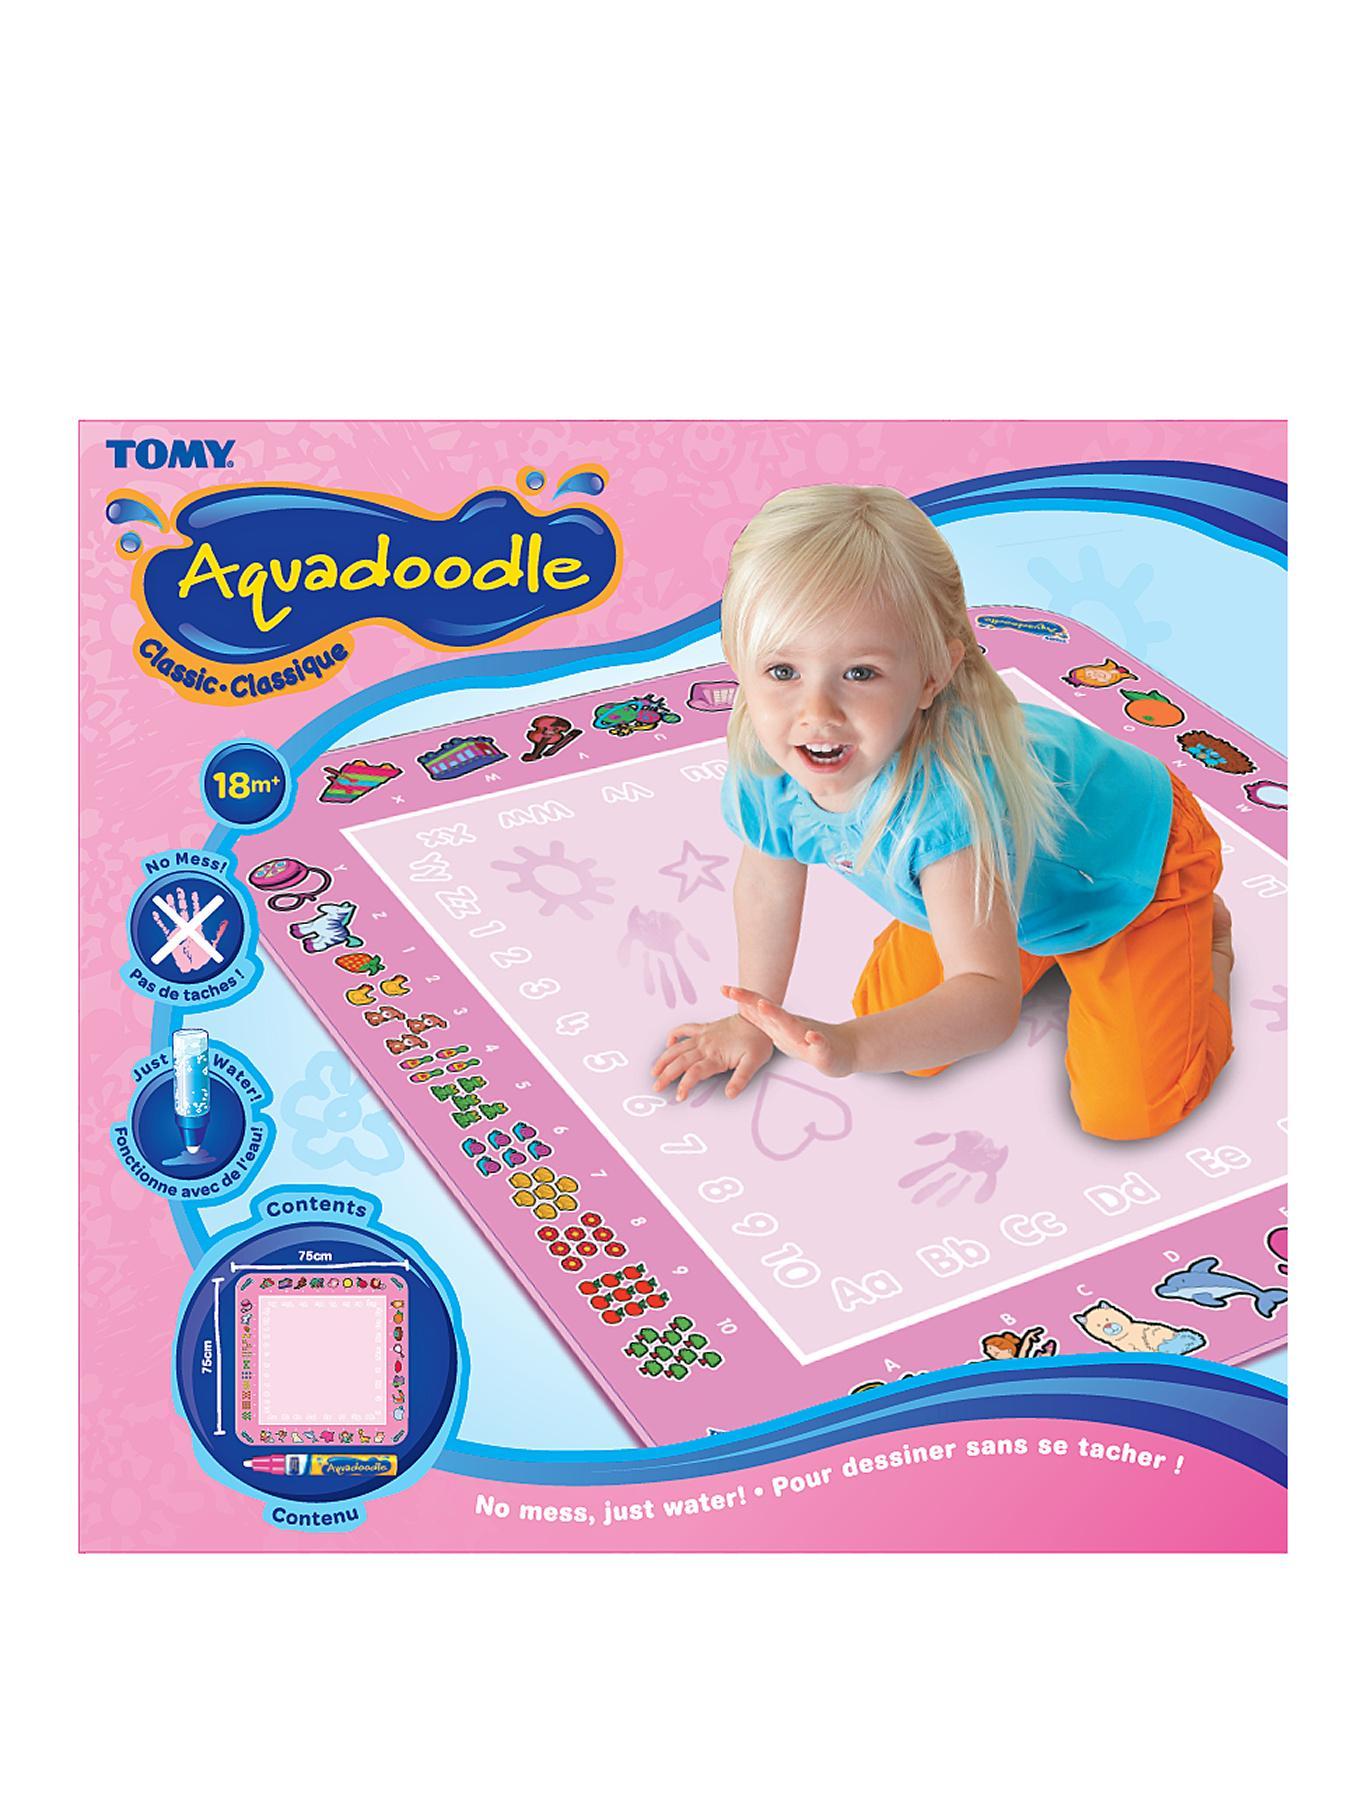 Aquadoodle Classic Pink Aquadoodle Mat